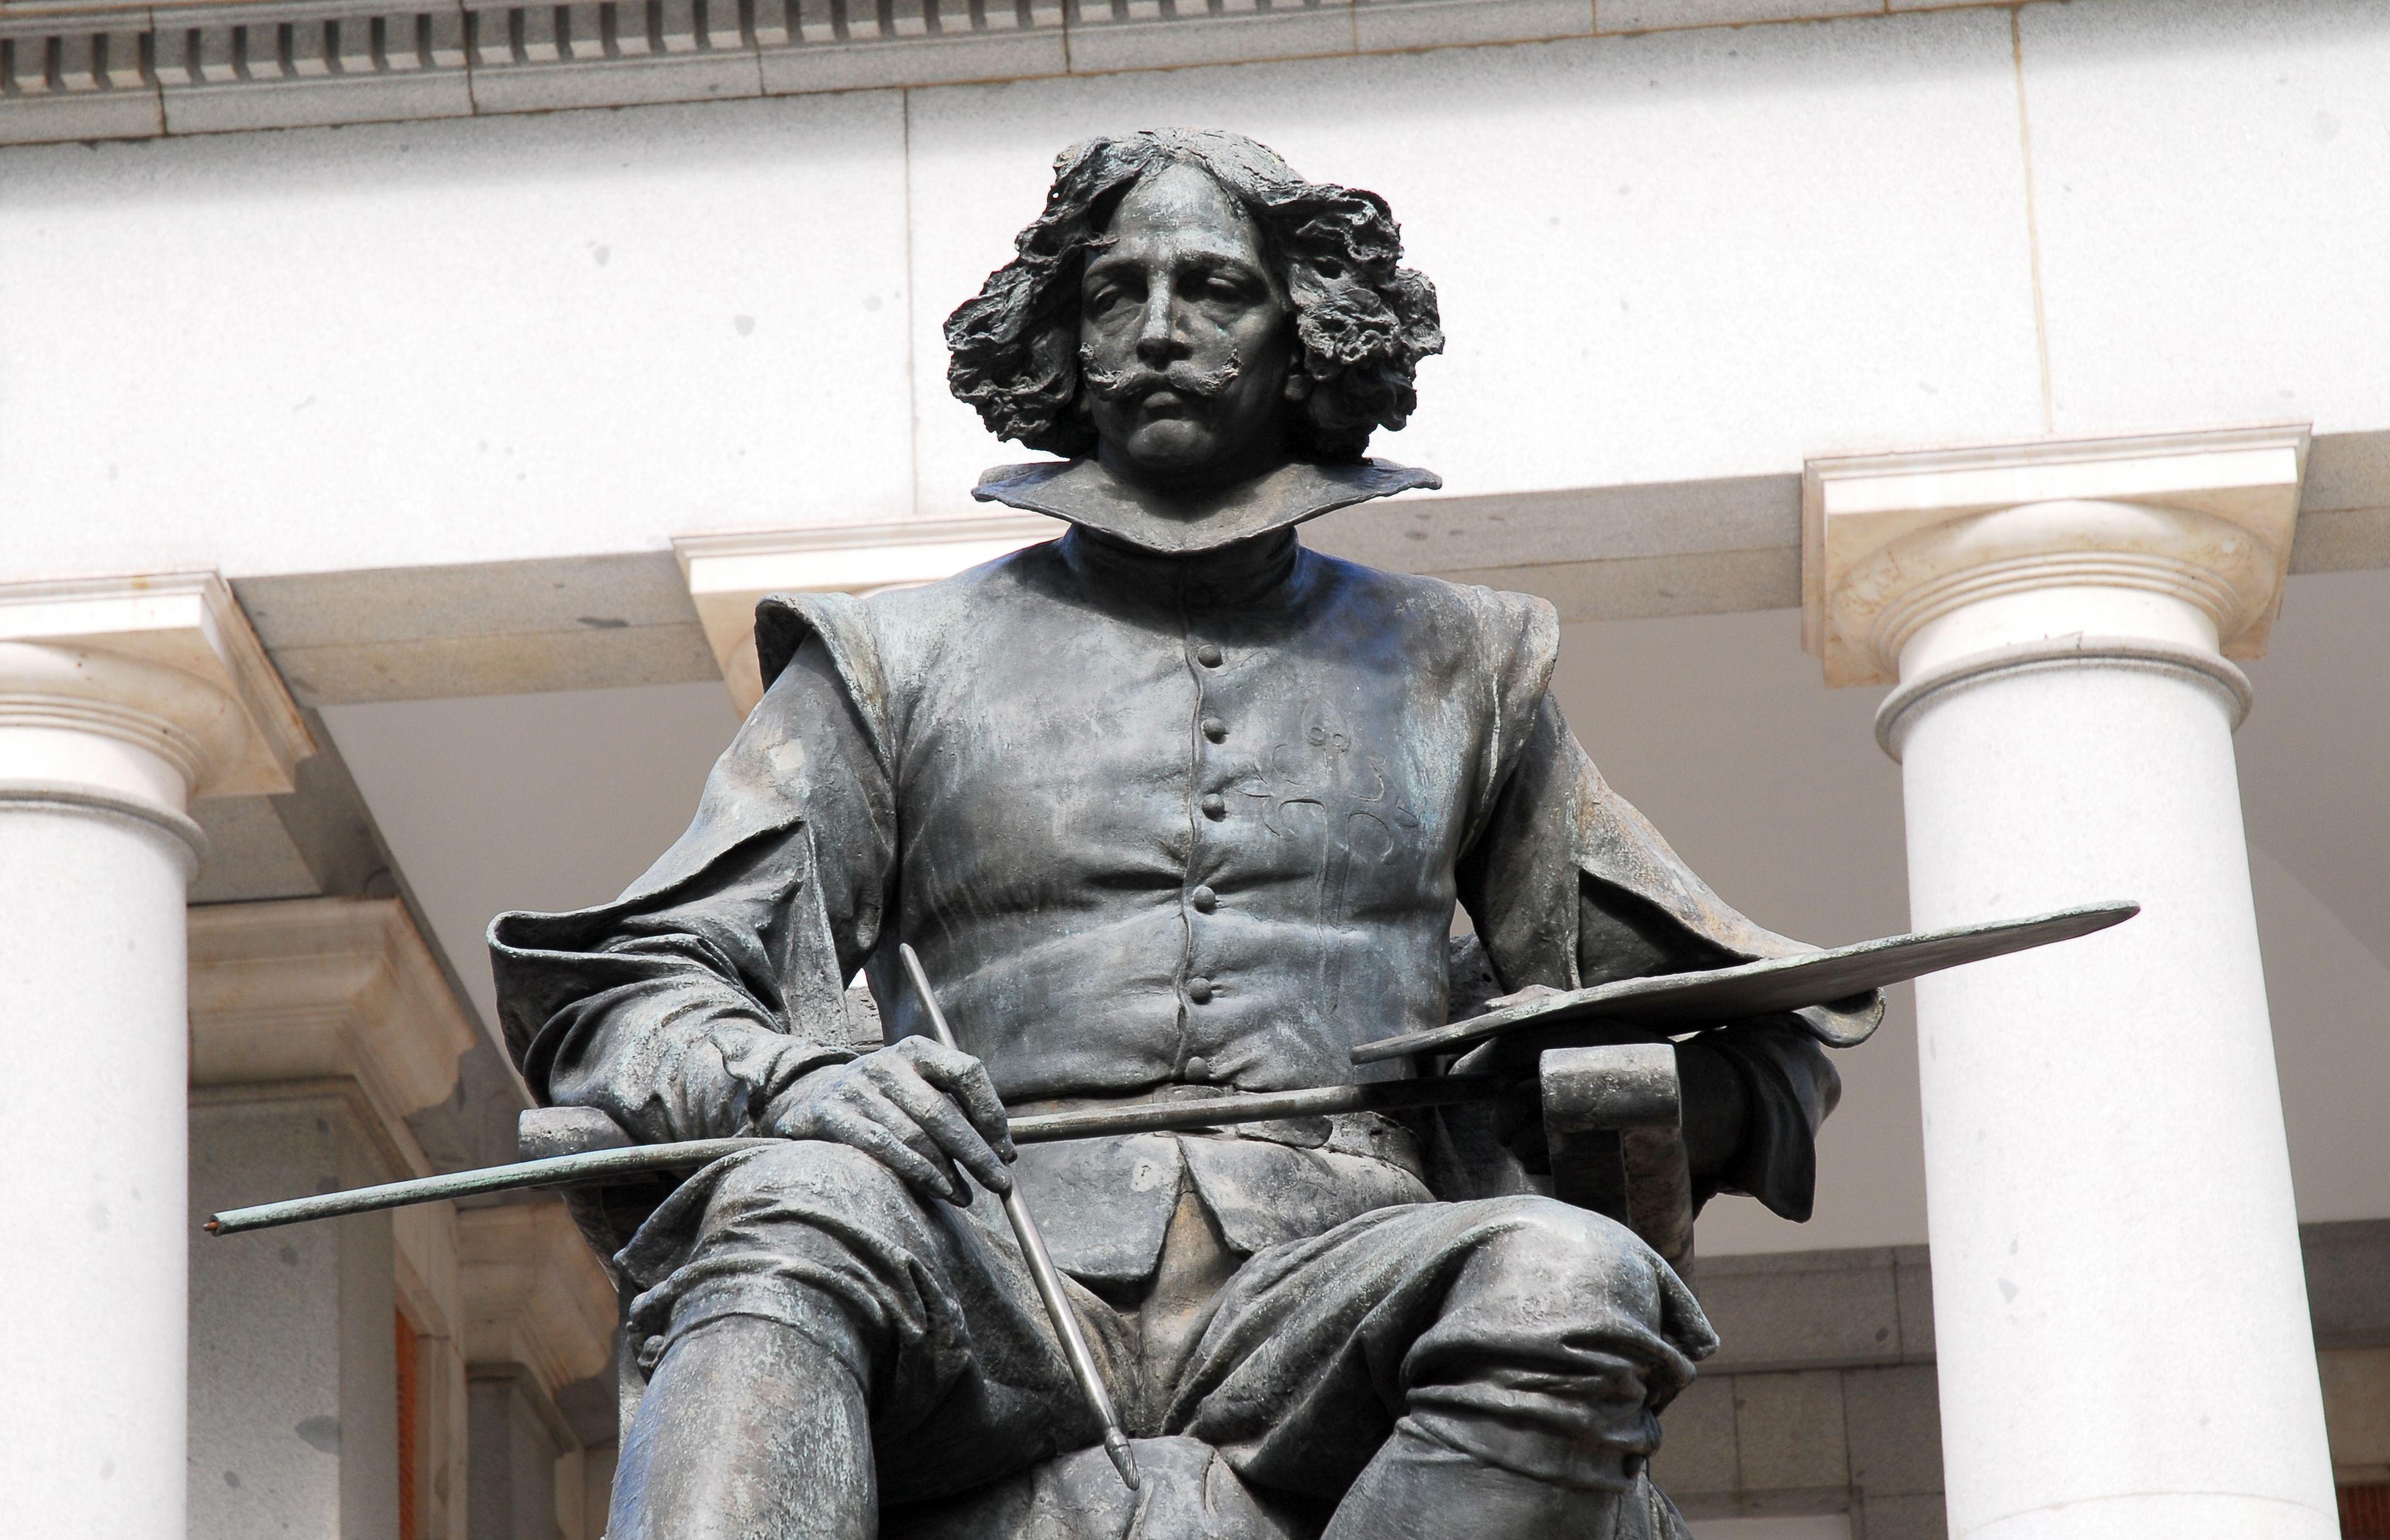 Statue of Diego Velazquez at Prado Museum, Madrid